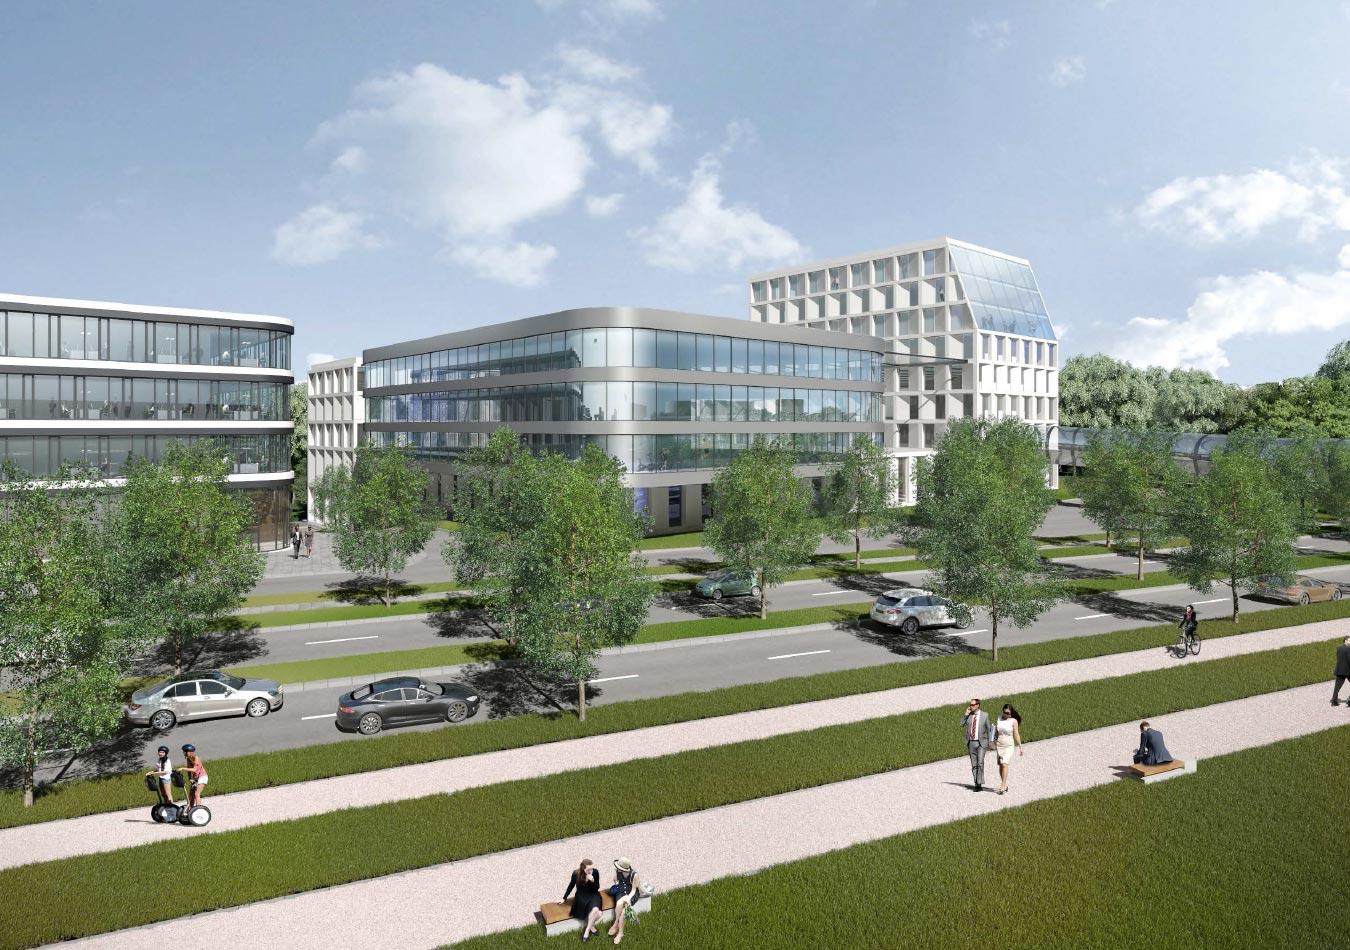 Sur les 90 hectares du Findel, 18 seront aménagés pour «répondre à la forte demande de services», selon René Steinhaus, CEO par intérim de Lux-Airport.